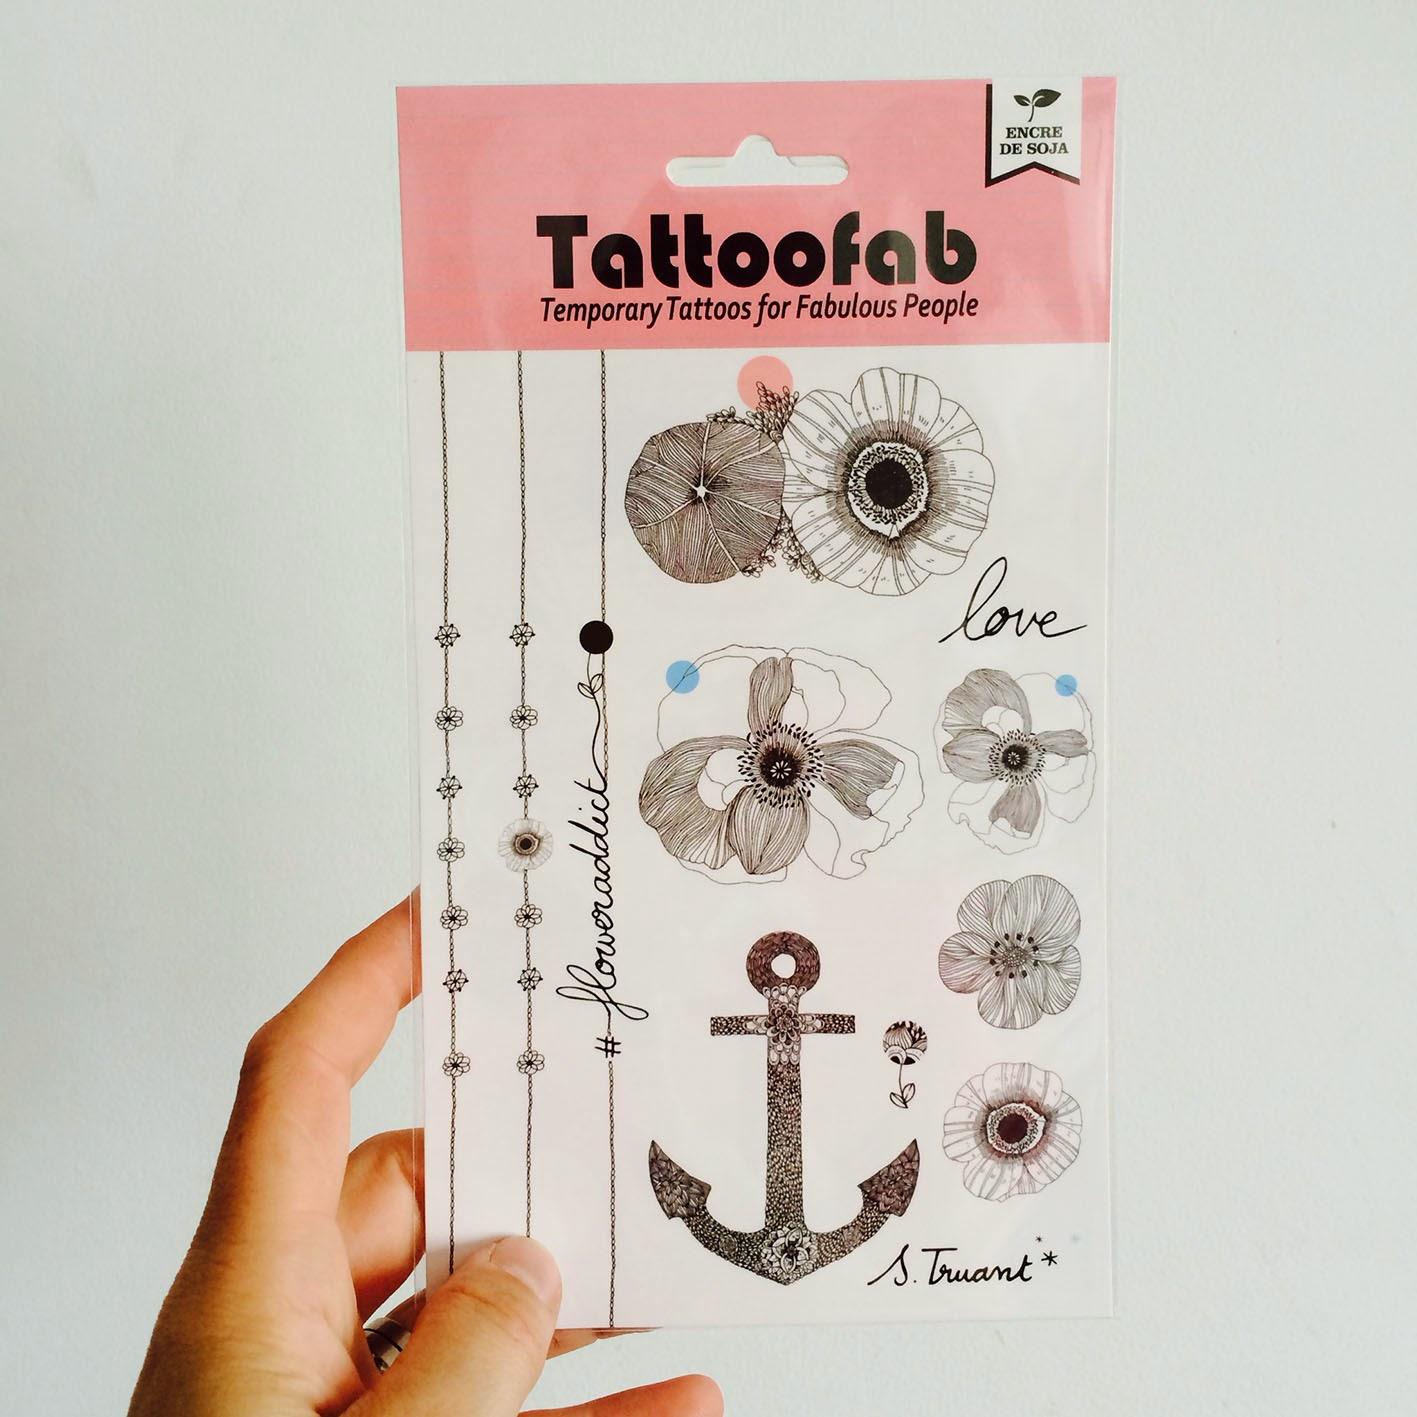 Le meilleur papier tatouage temporaire